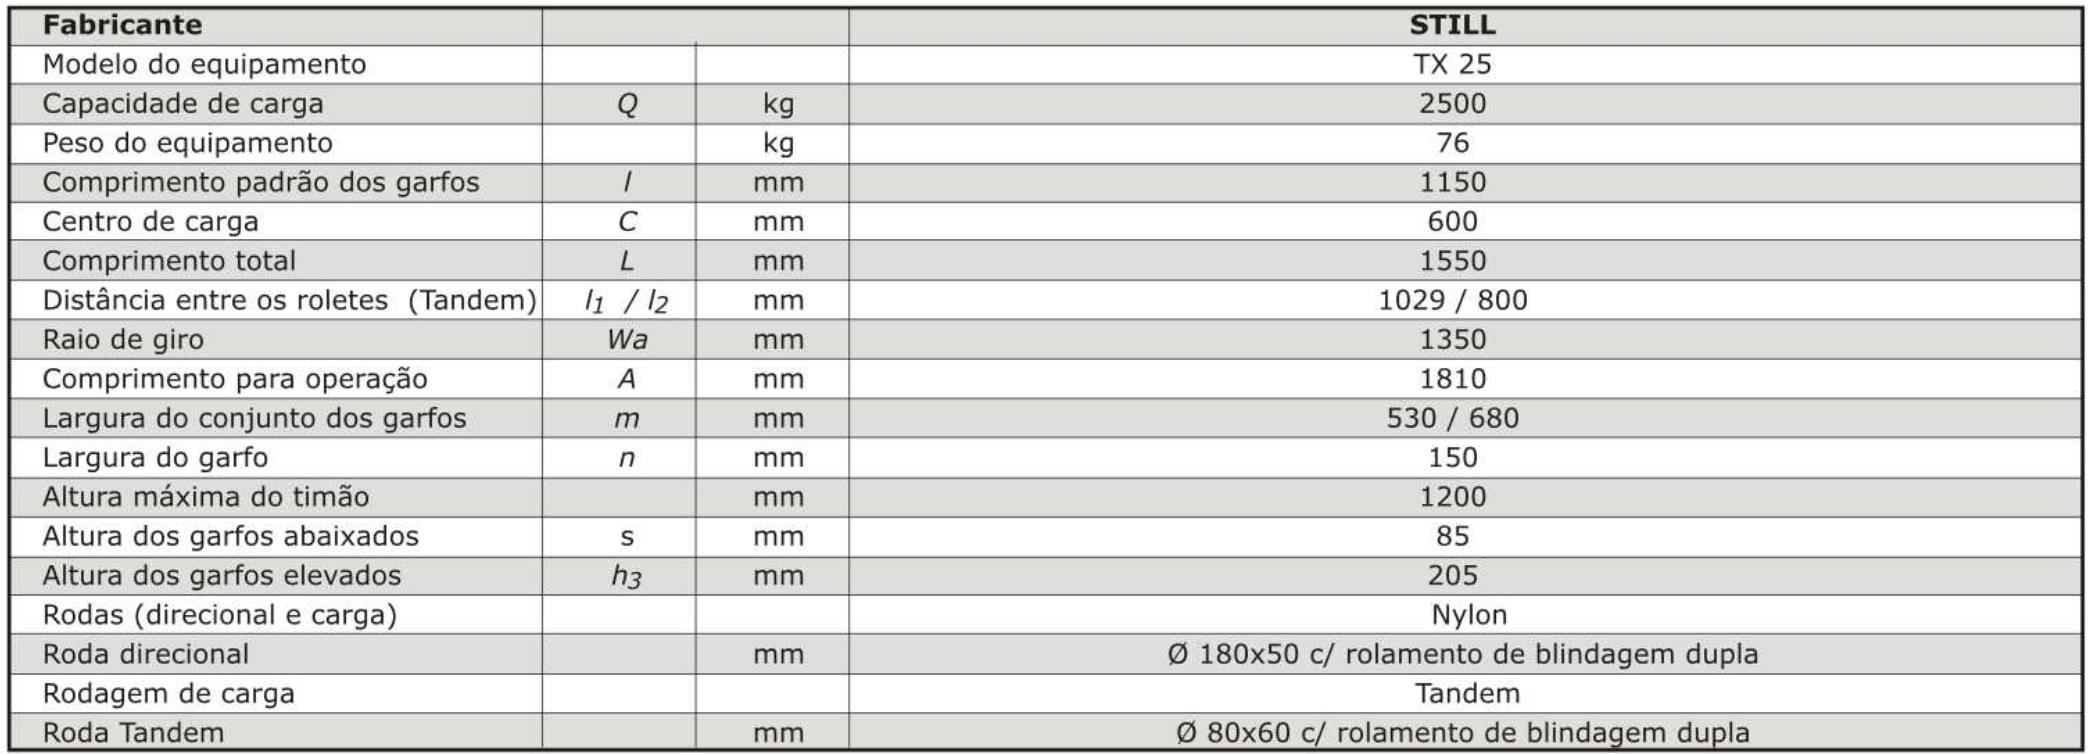 Tabela com todas as especificações técnicas da máquina